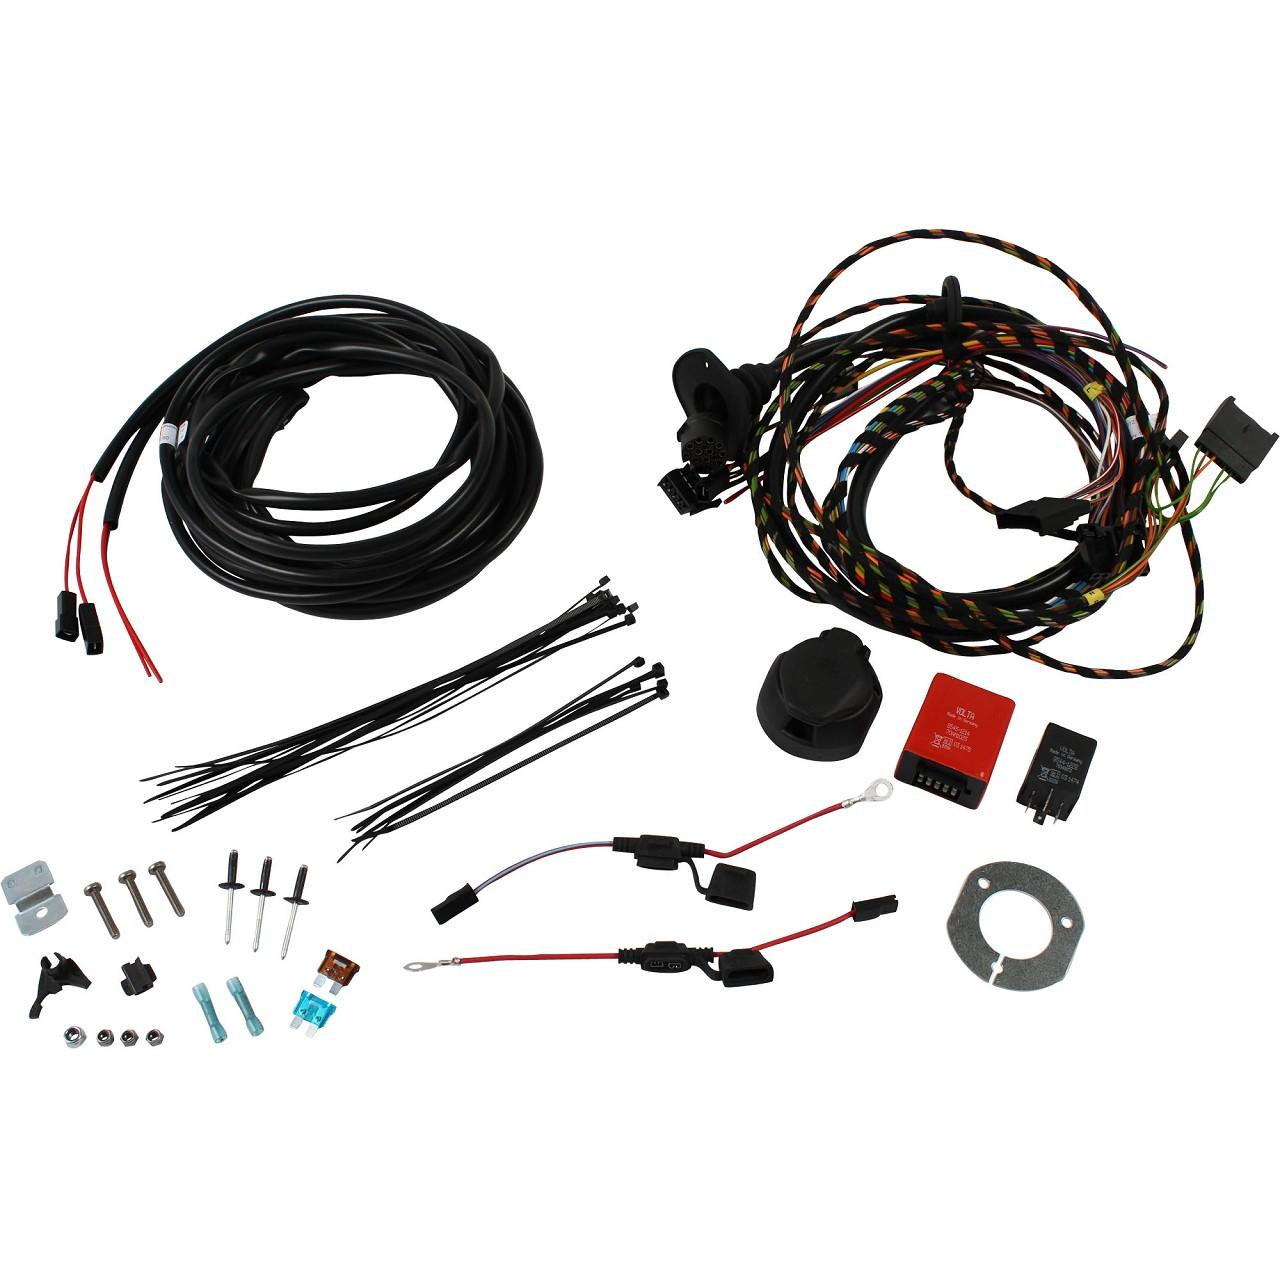 ORIGINAL Ford E-Satz Kabelsatz Anhängerkupplung Transit Tourneo 13-polig 1765670